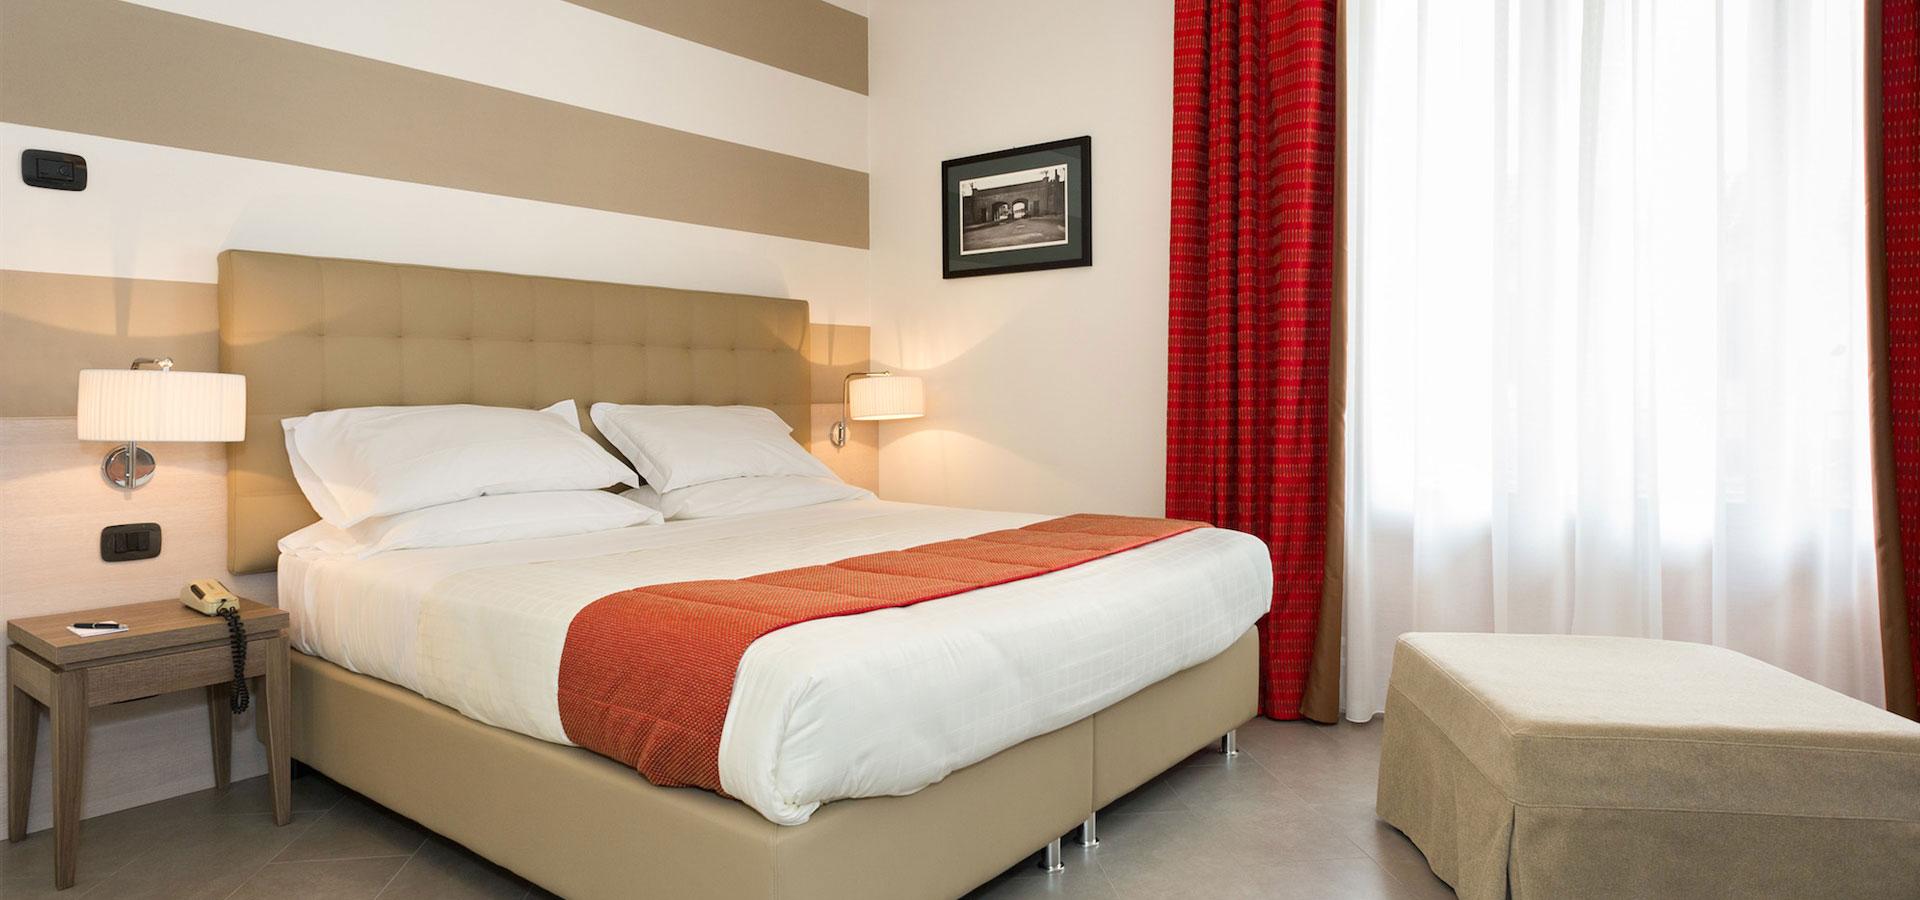 camera depandance hotel a Lucca